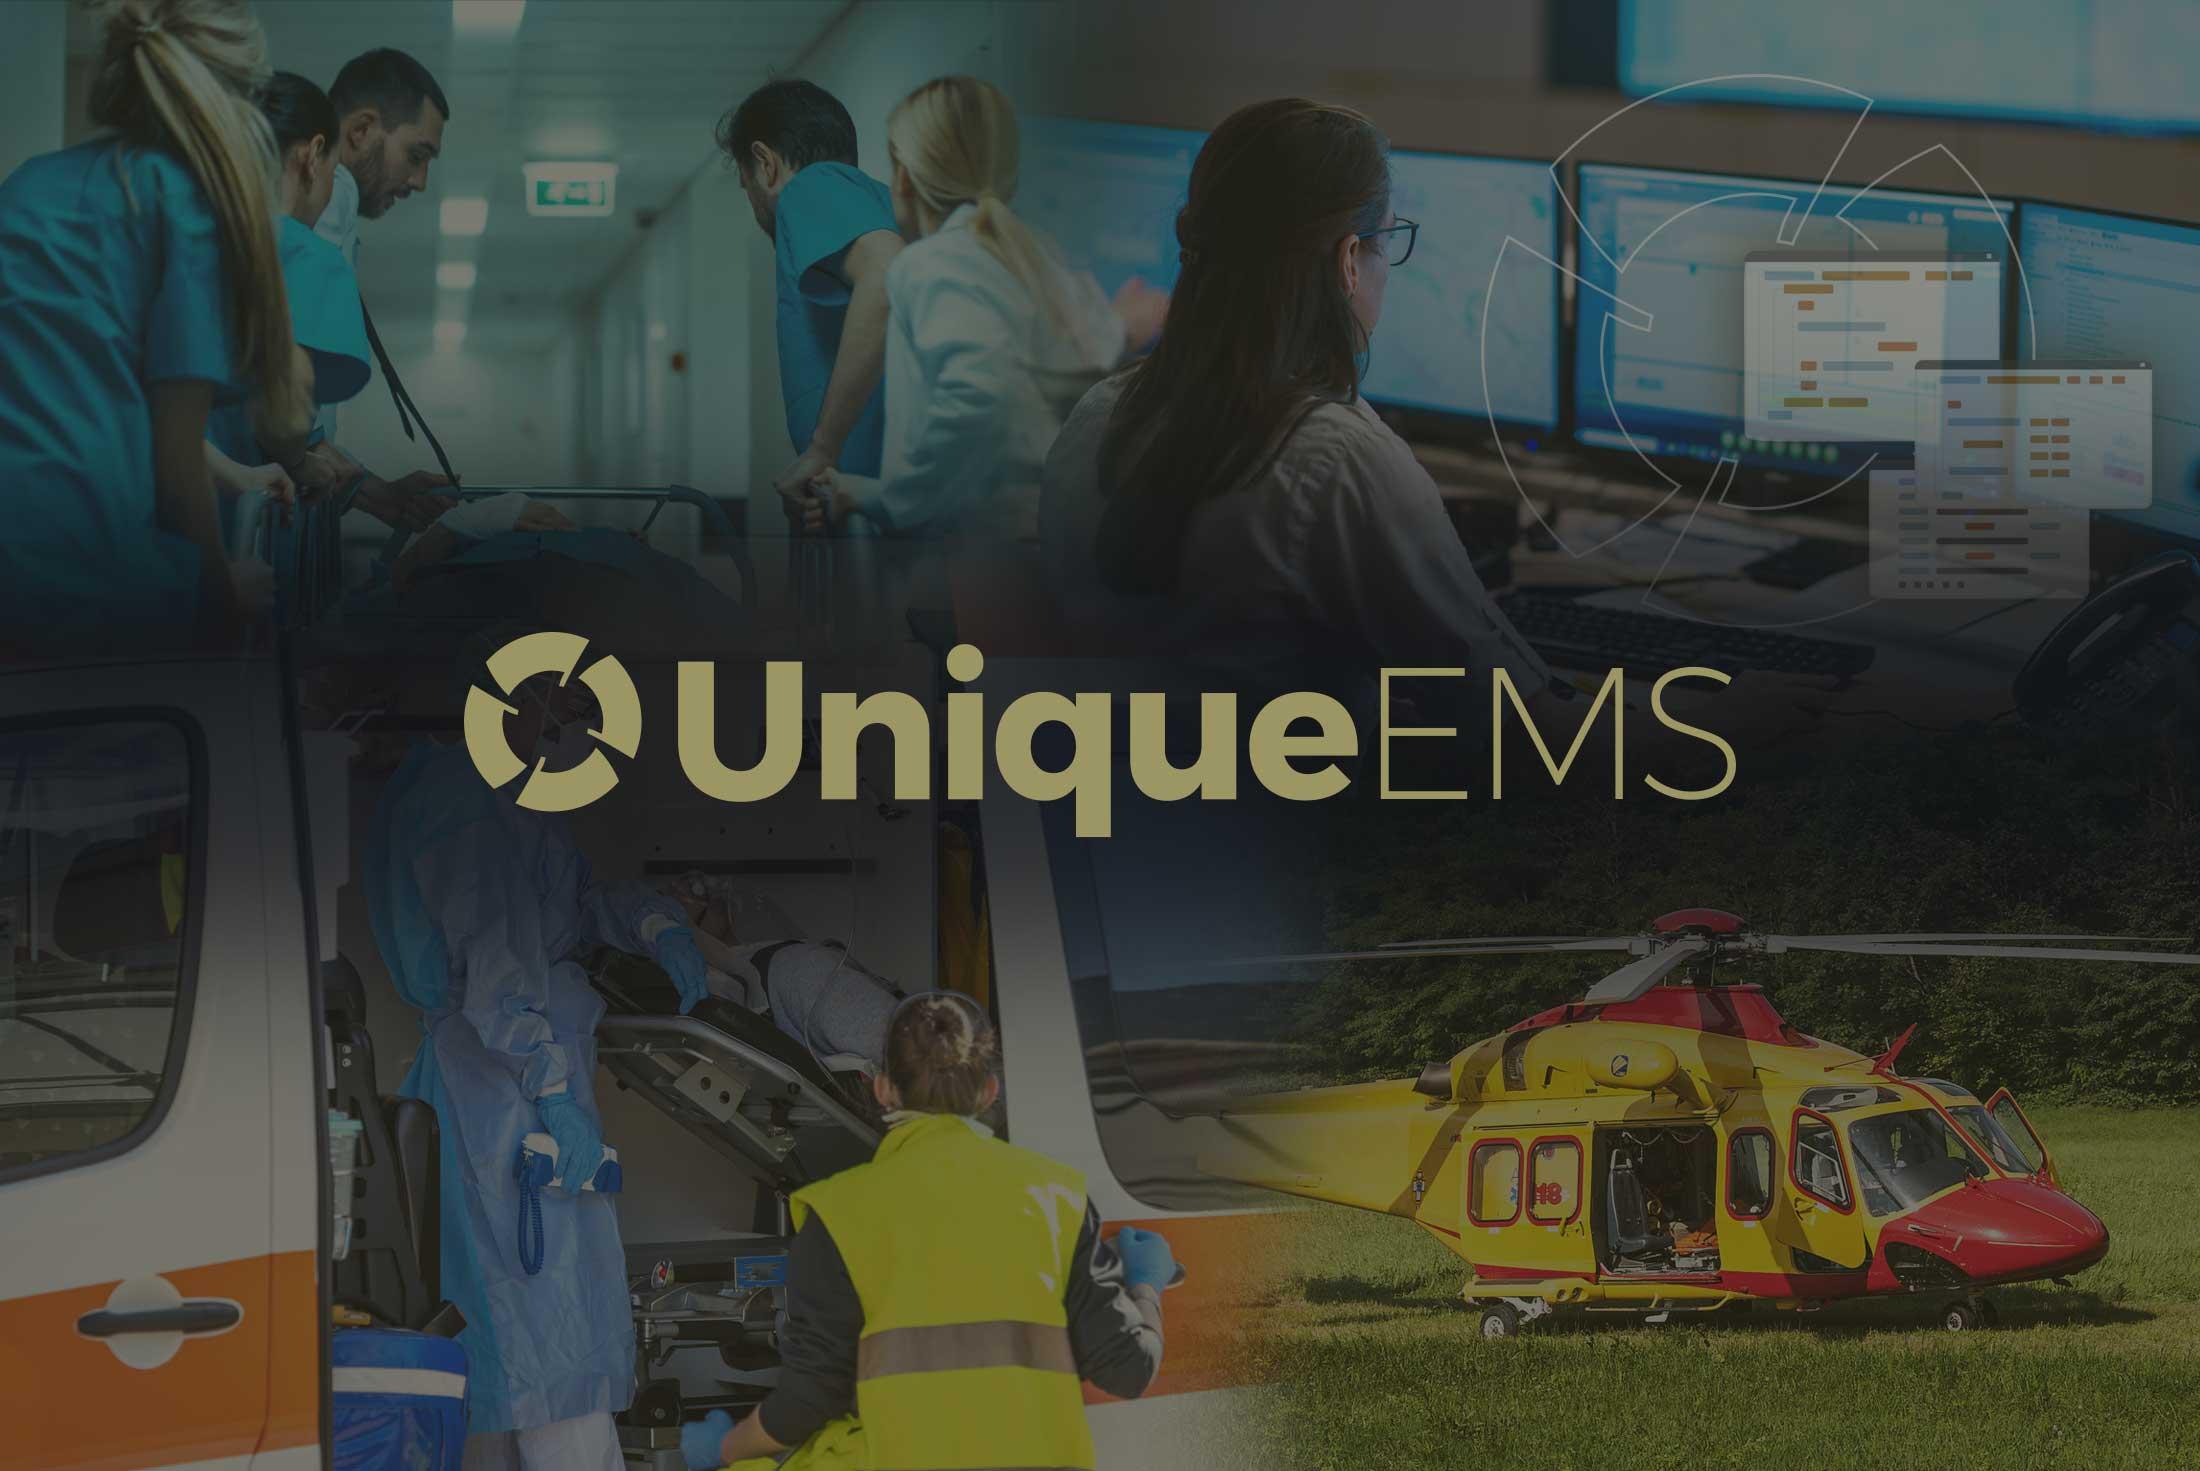 Unique EMS